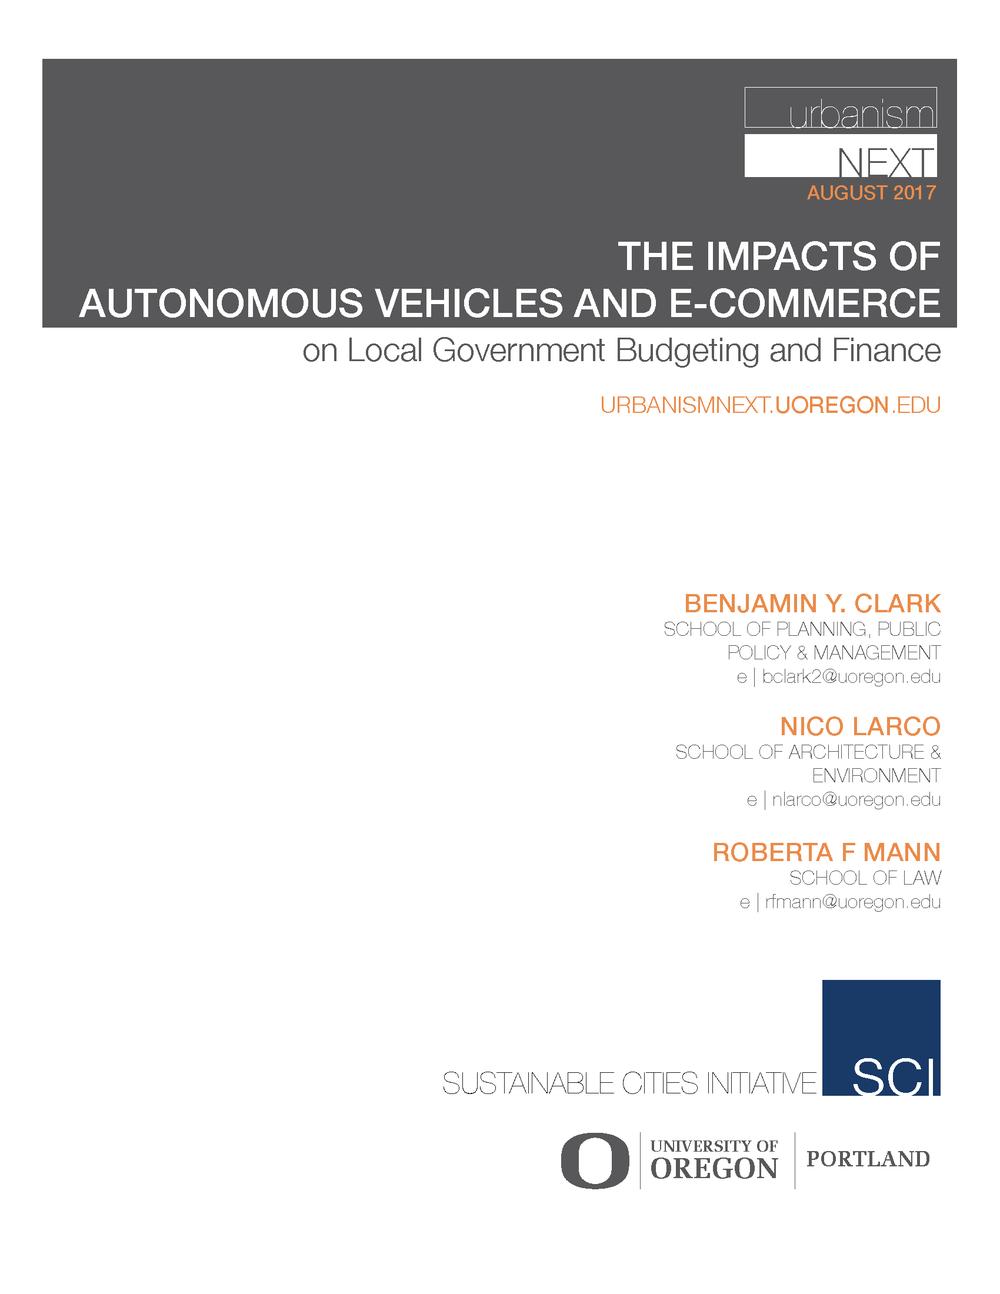 AV and E-commerce_Municipal Finance White Paper_082318_Cover.png